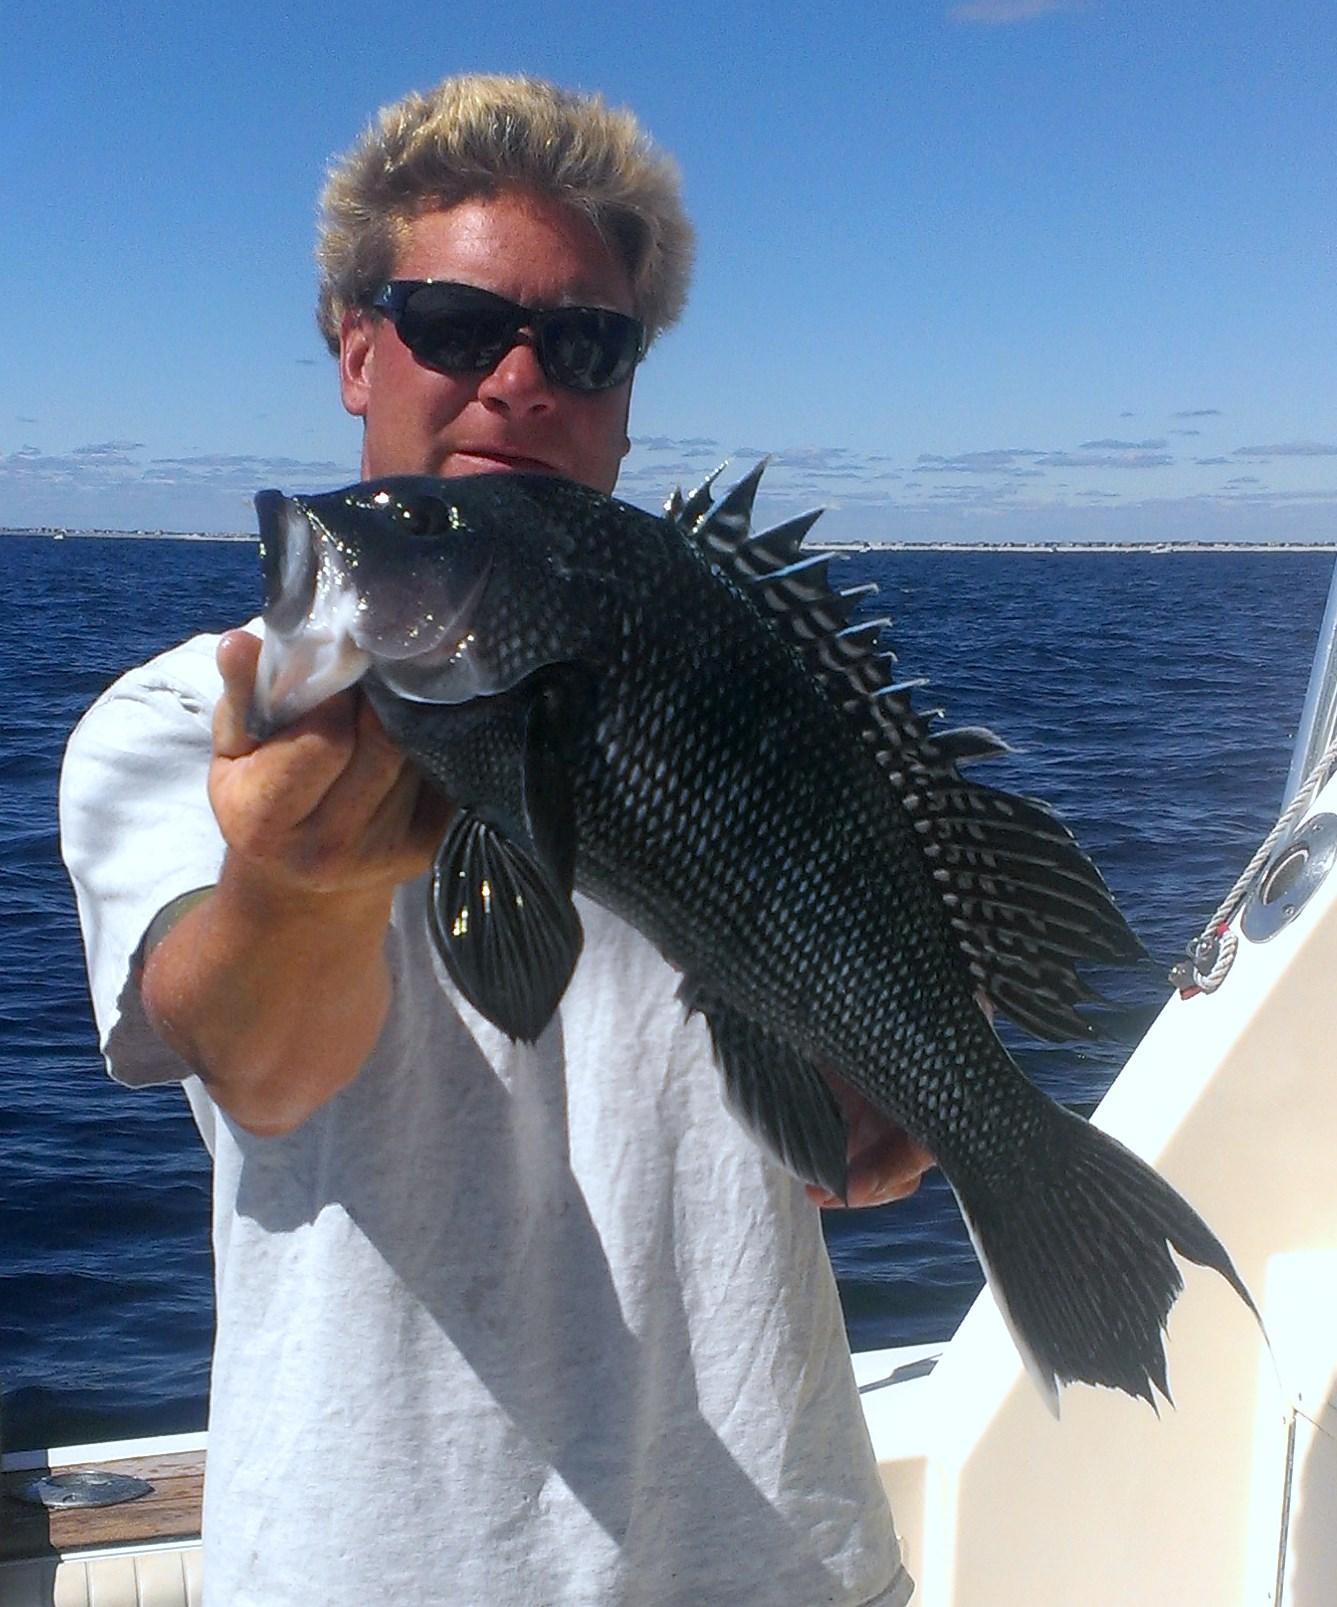 Sea bass fishing charter new jersey charter fishing nj for Blue fishing nj